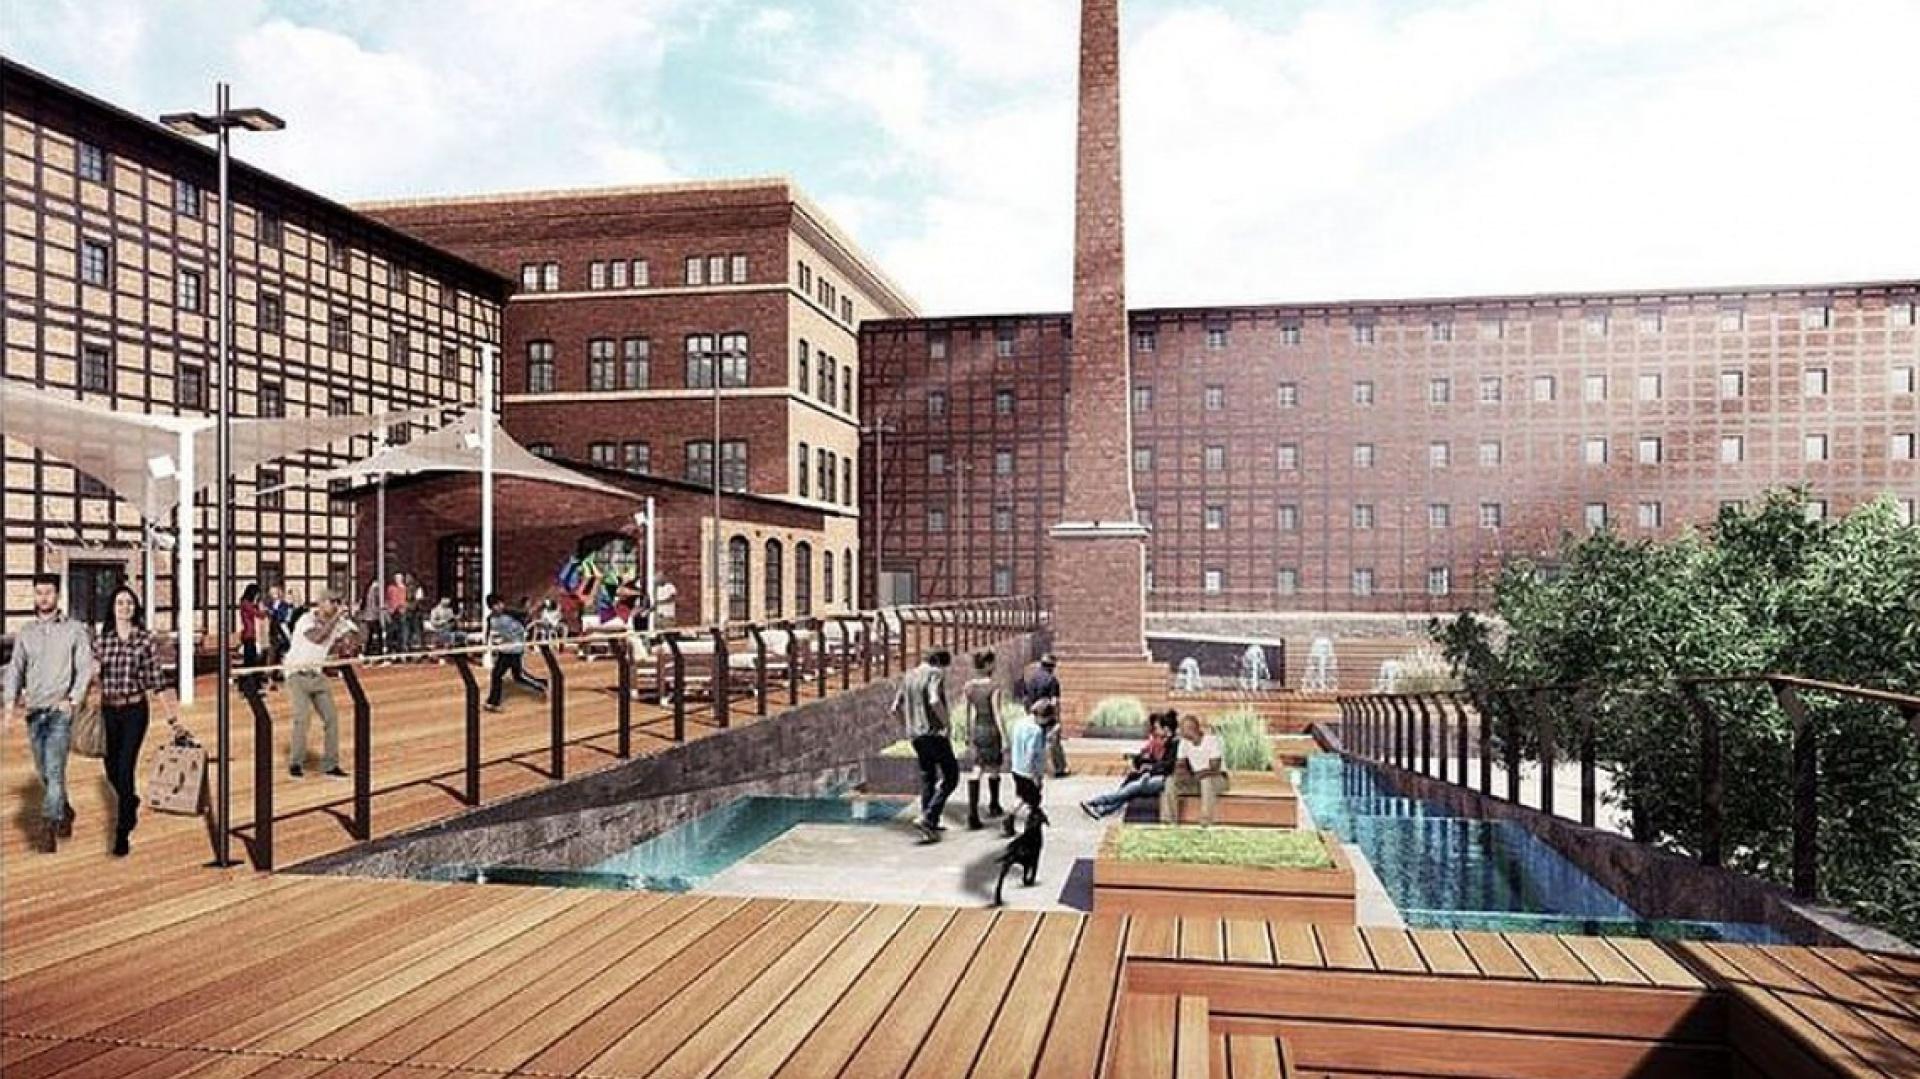 Pracownia Łukasza Szlepera zaprojektowała przebudowę młyna według koncepcji opracowanej przez Nizio Design International, fot. UM Bydgoszcz